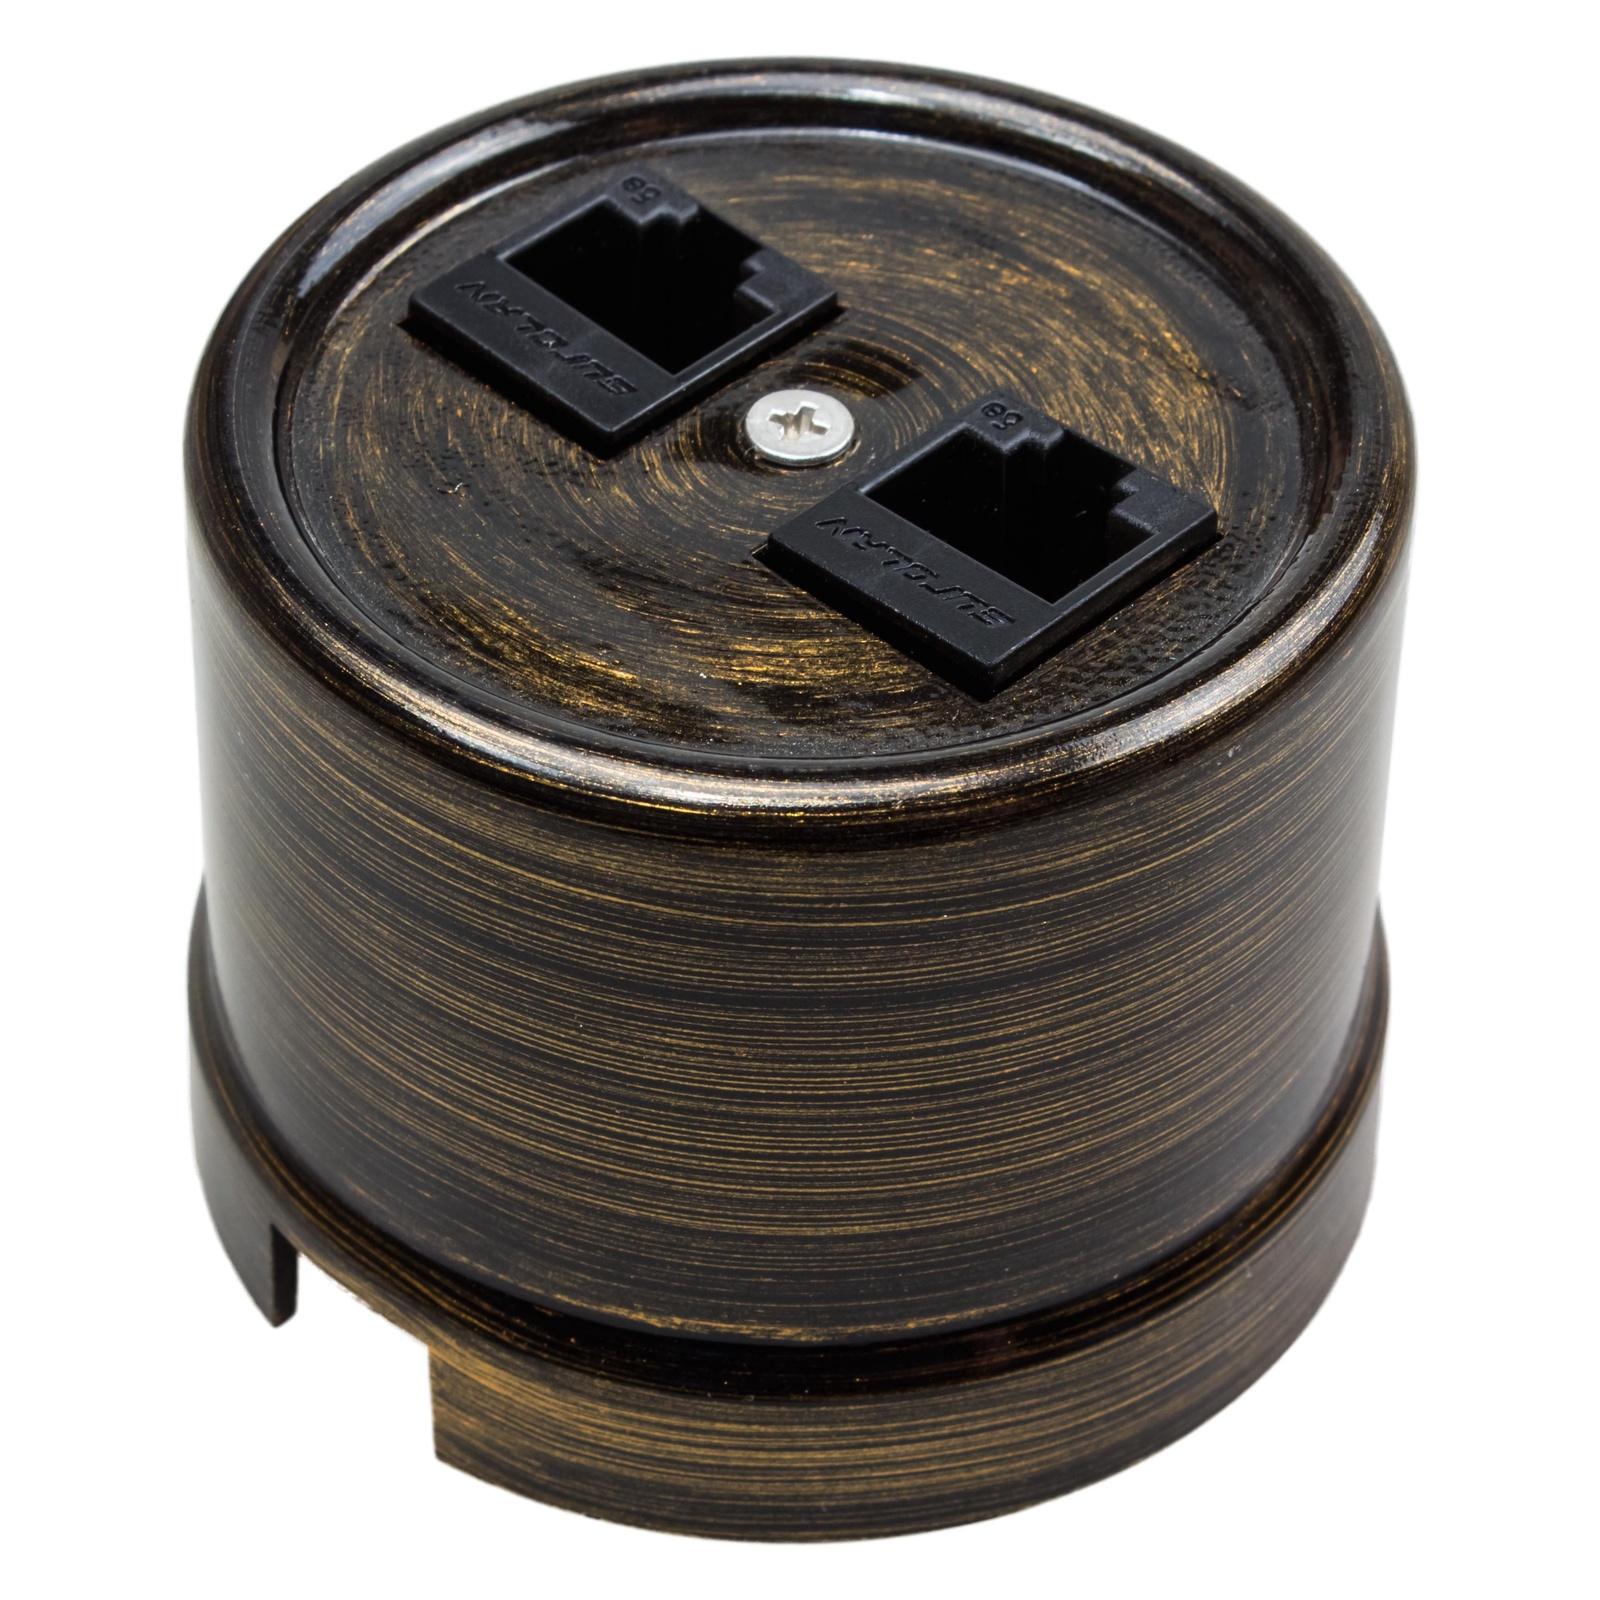 Розетка BIRONI компьютерная ЛИЗЕТТА ПЛАСТИК для наружной проводки, RJ45 CAT.5е, 2 разъема для подключения, цвет Бронза, негорючая В1-302-25 розетка duwi дельта для скрытой проводки одноместная цвет серебристый